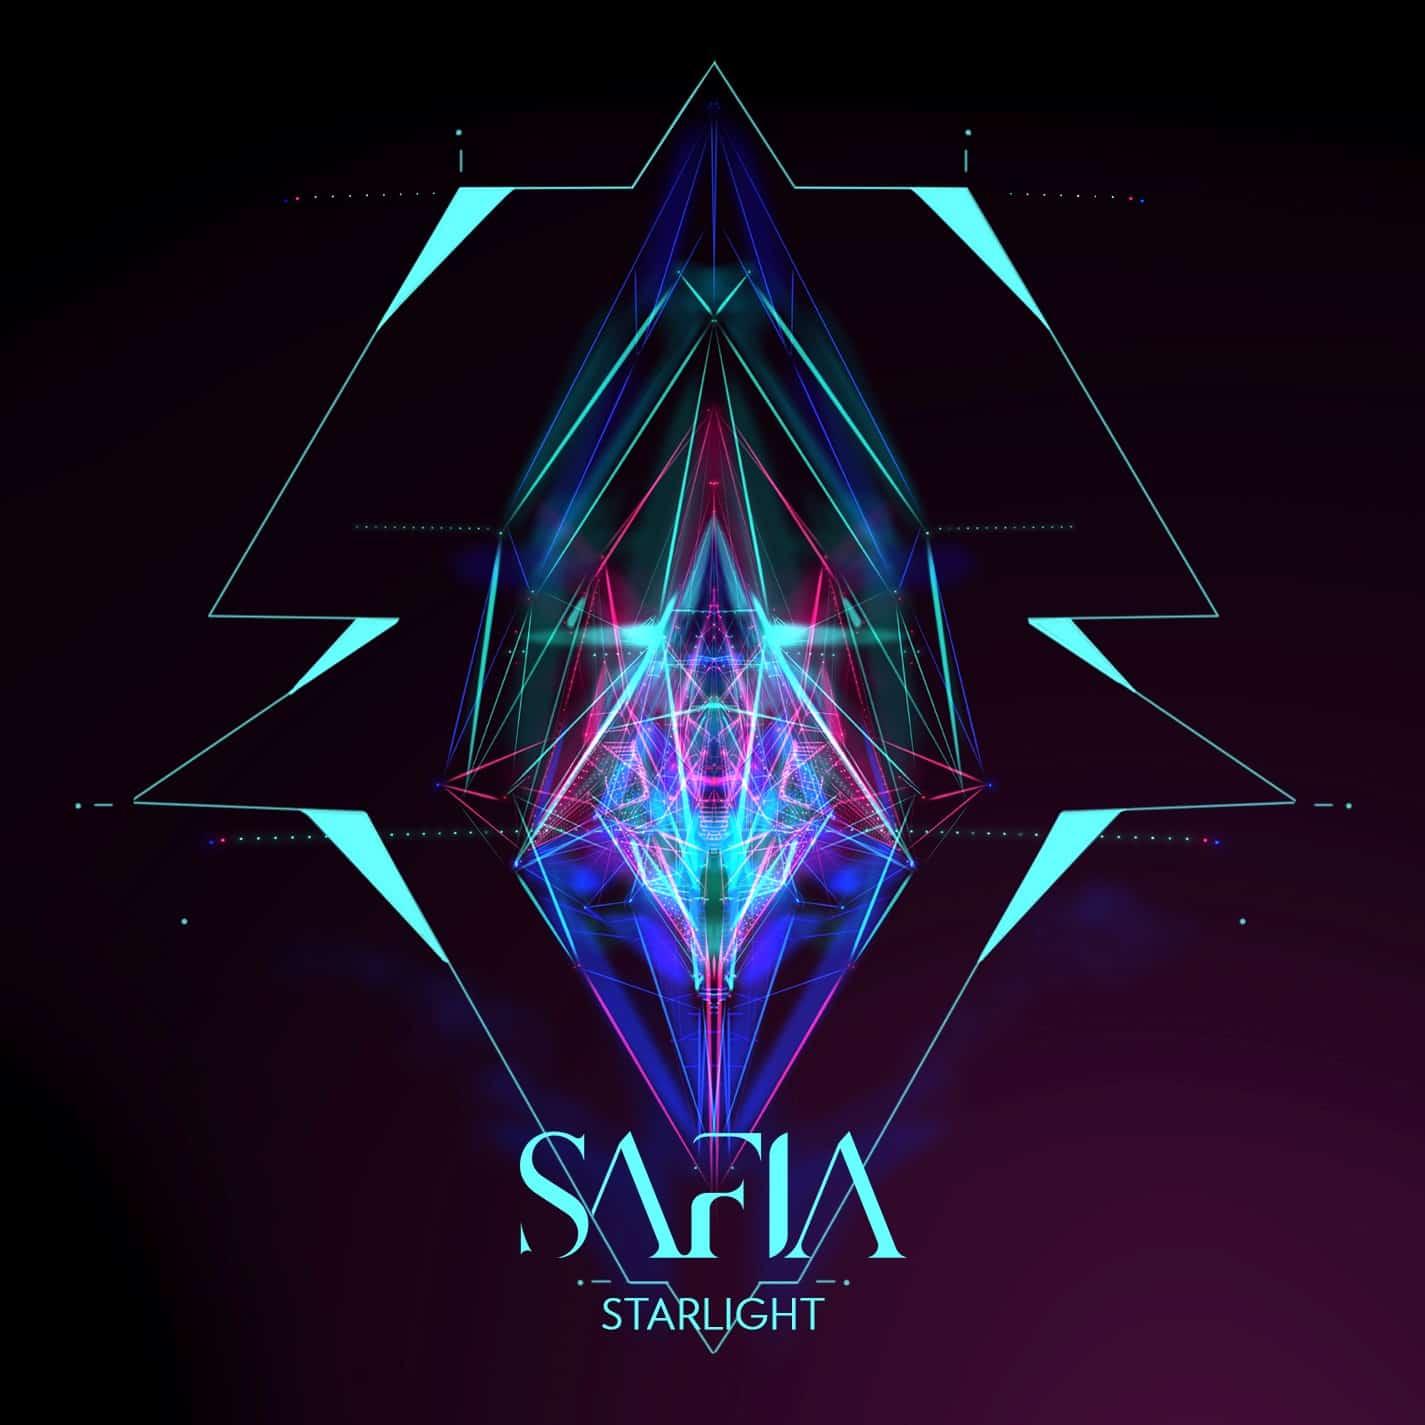 SAFIA - Starlight